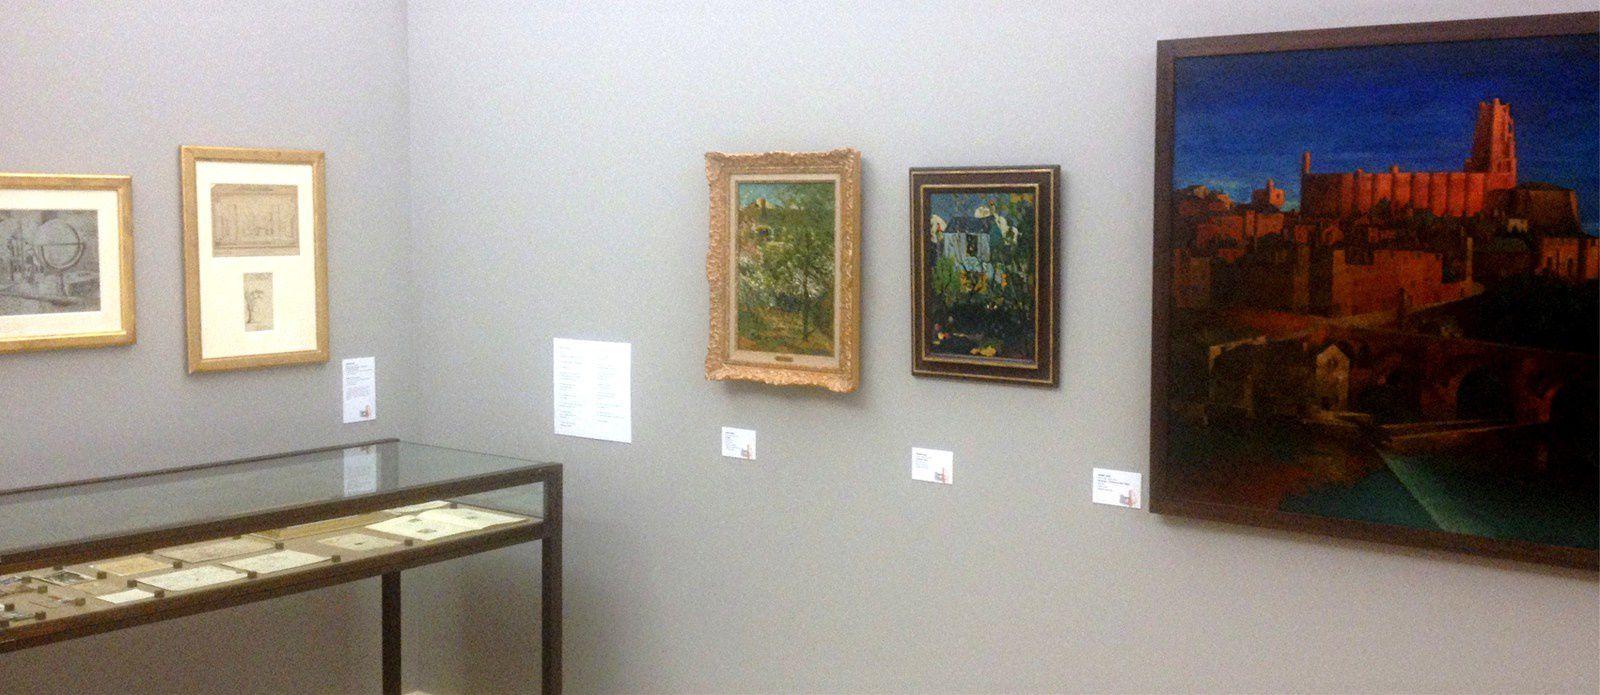 """natures mortes """"cubisantes"""" - vitrines des projets de décors du Théâtre """"synthétique"""" de l'époque impressionniste"""